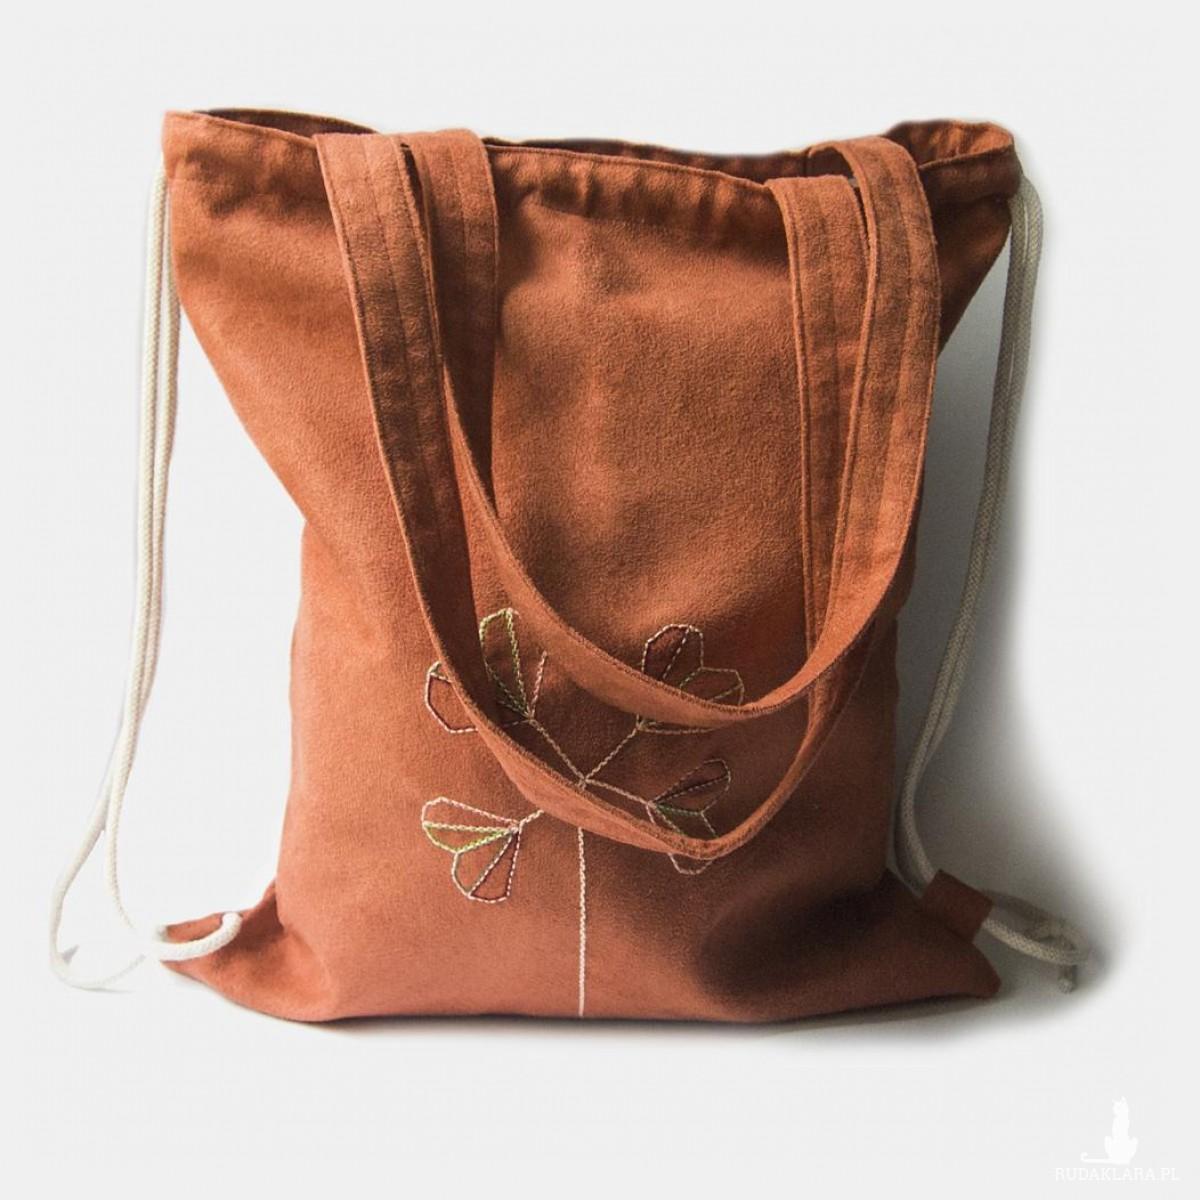 Ruda plecak torba 2w1 z delikatnym haftem